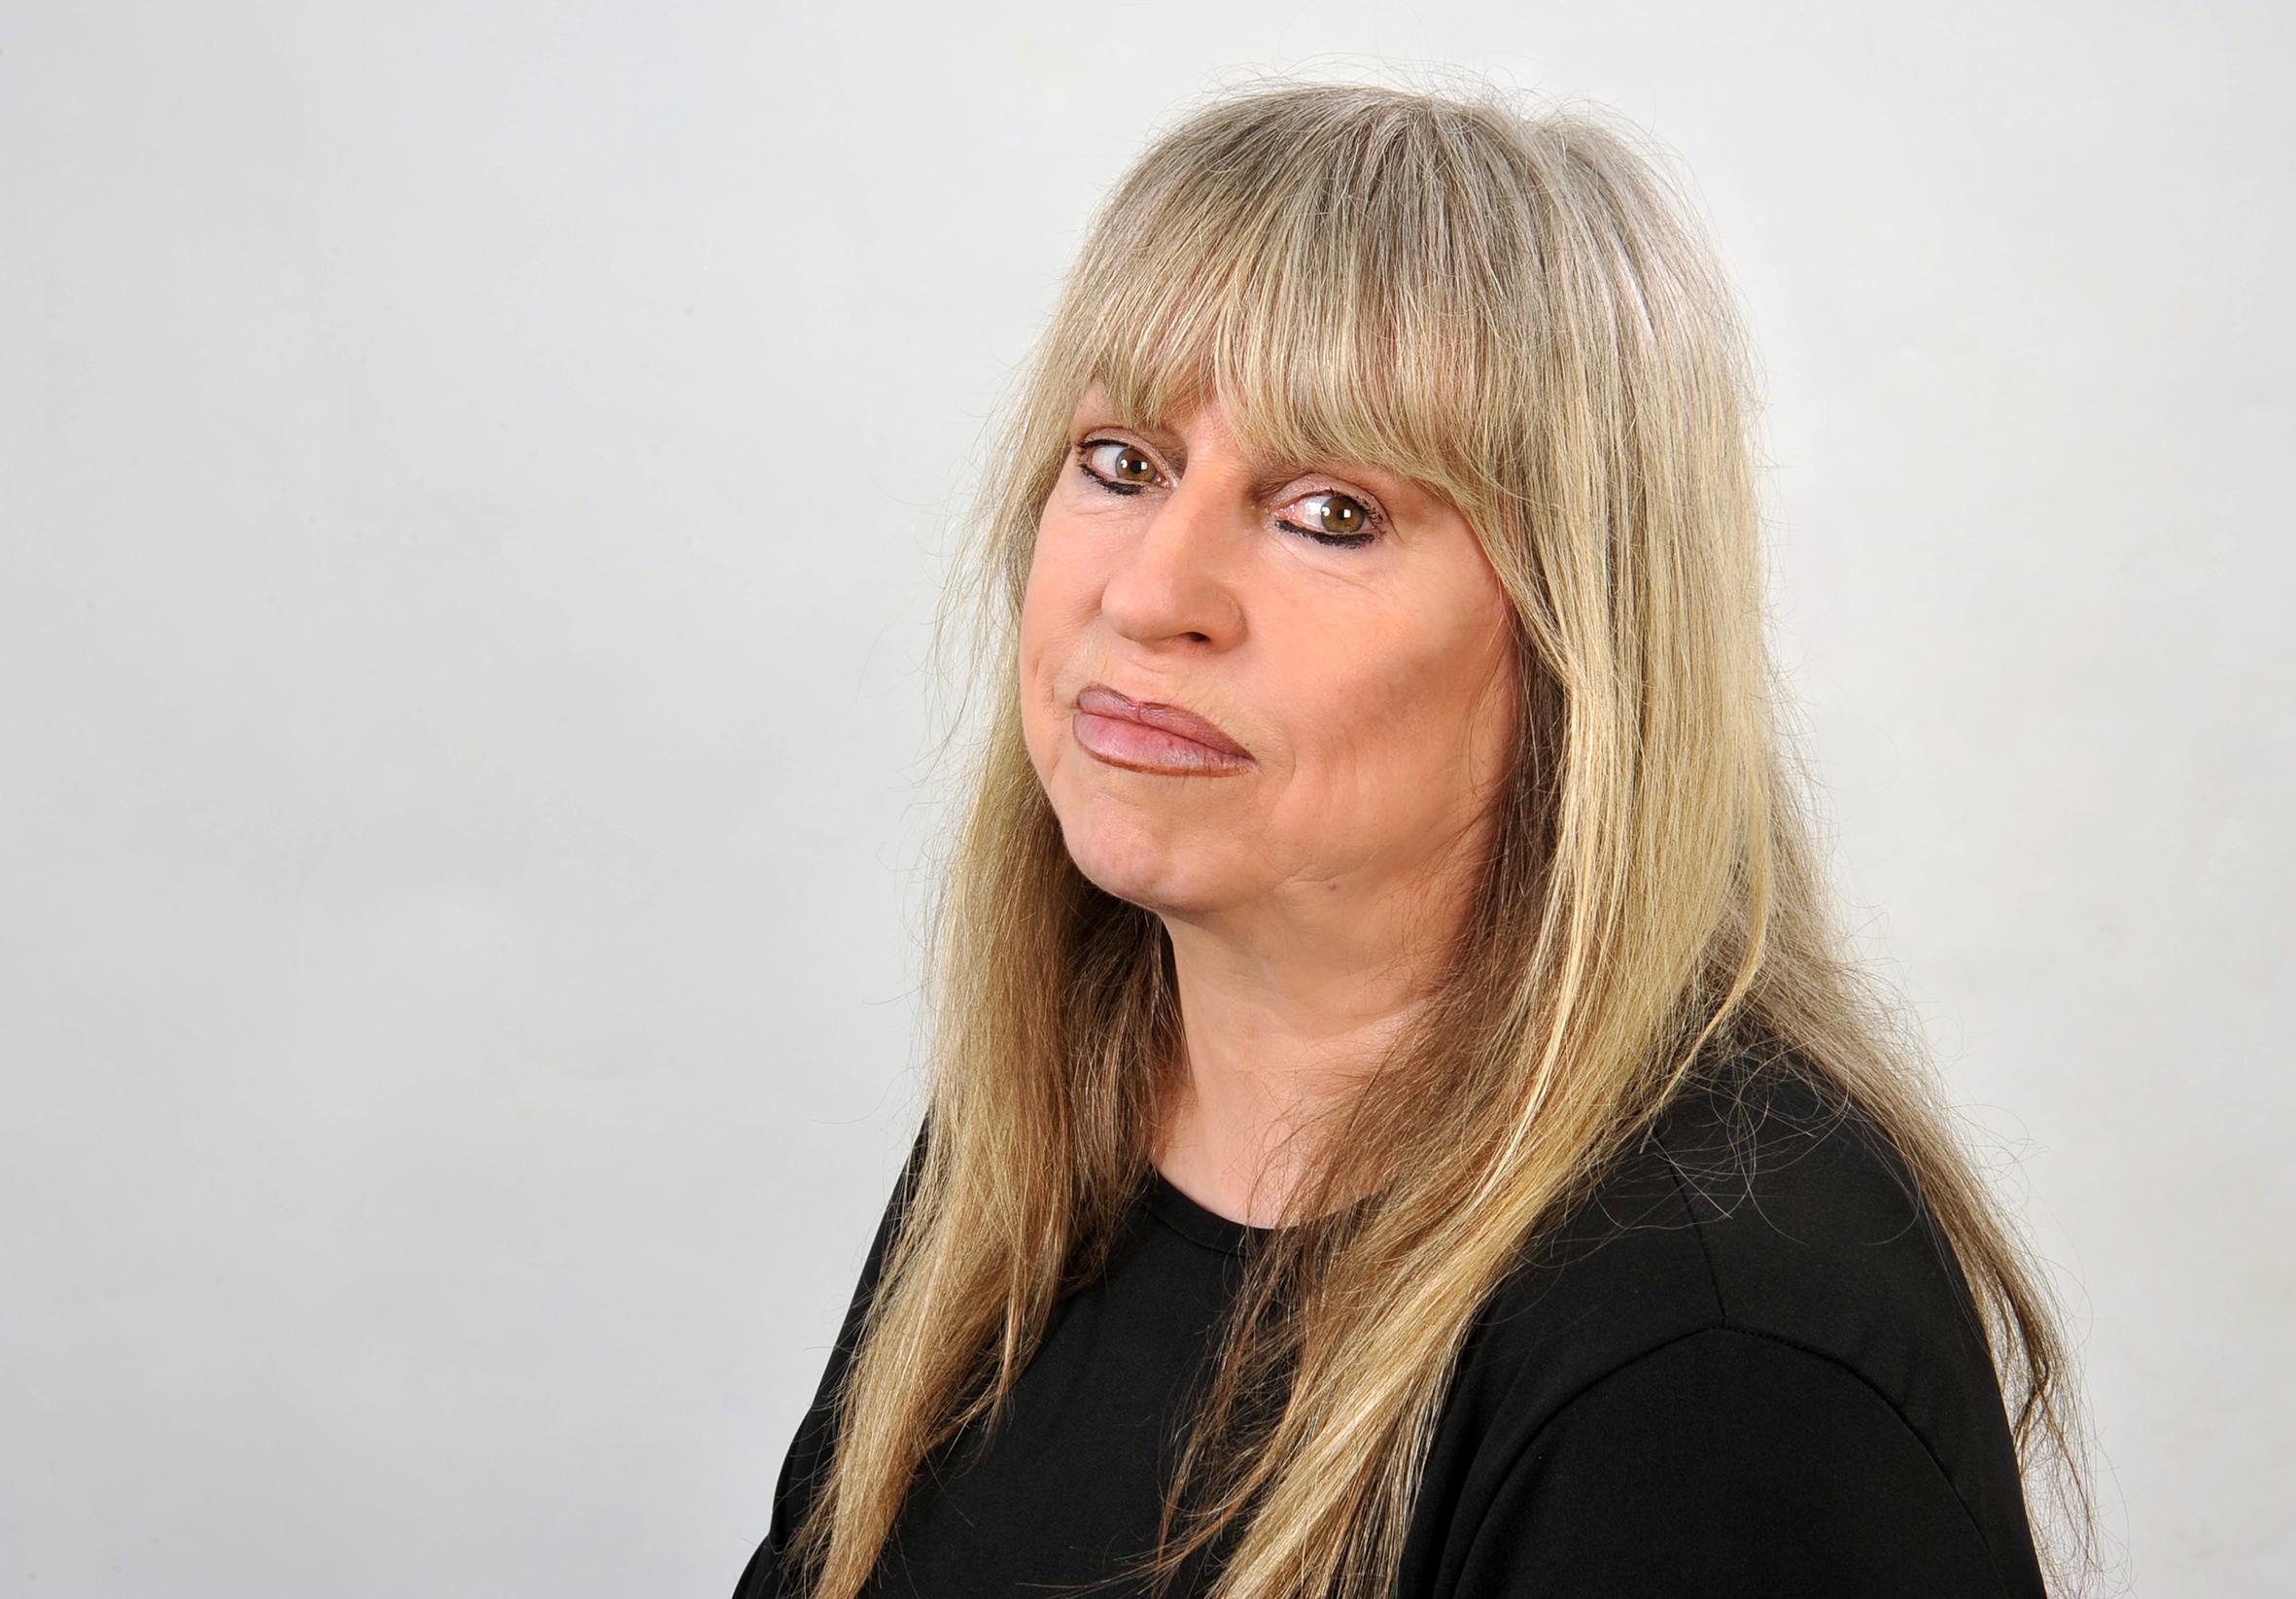 © Christina Kurby. Gina Pietsch hat ihren Kopf ein wenig nach hinten geneigt und schaut ernst in die Kamera. Sie hat lange blonde Haare, die weich auf den schwarzen Pullover herunterfallen mit einen Pony, und ihre Augen und ihr Mund sind geschminkt.